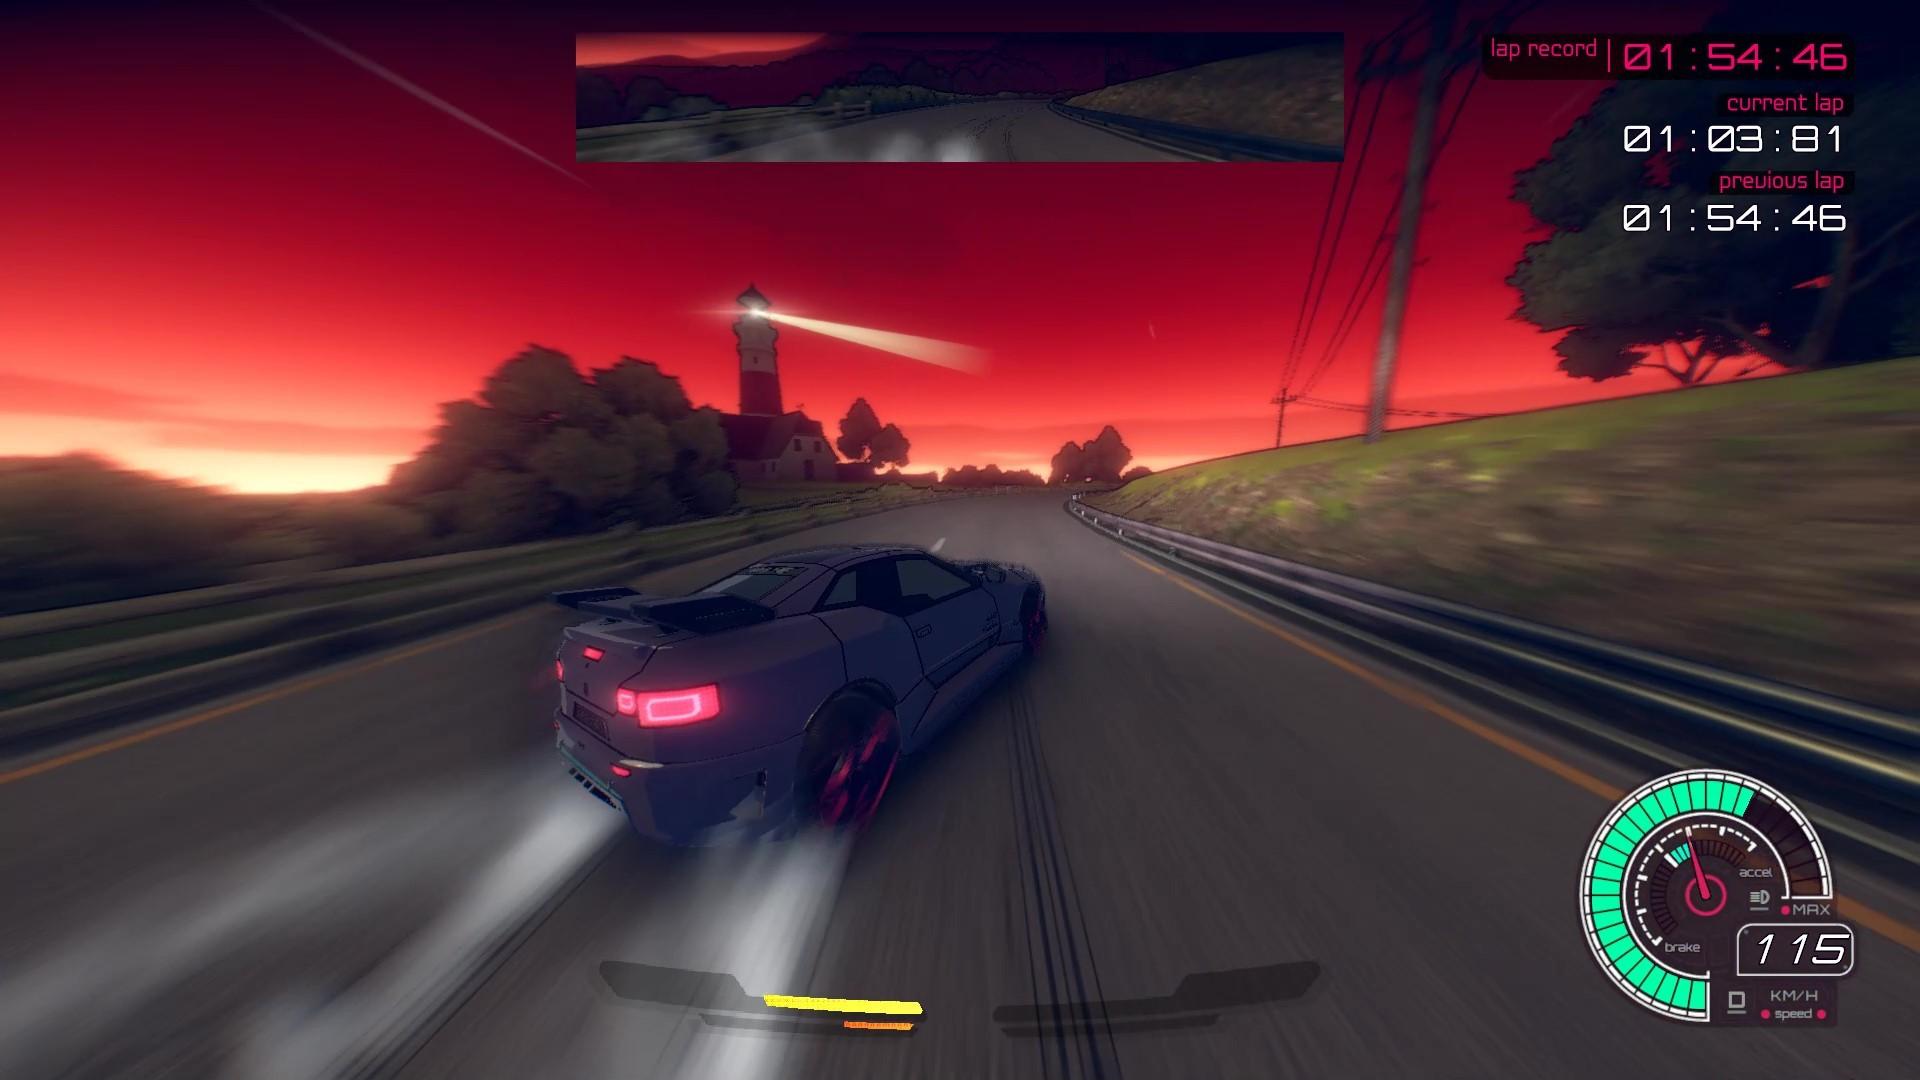 Релизный трейлер пролога Inertial Drift с уникальным управлением